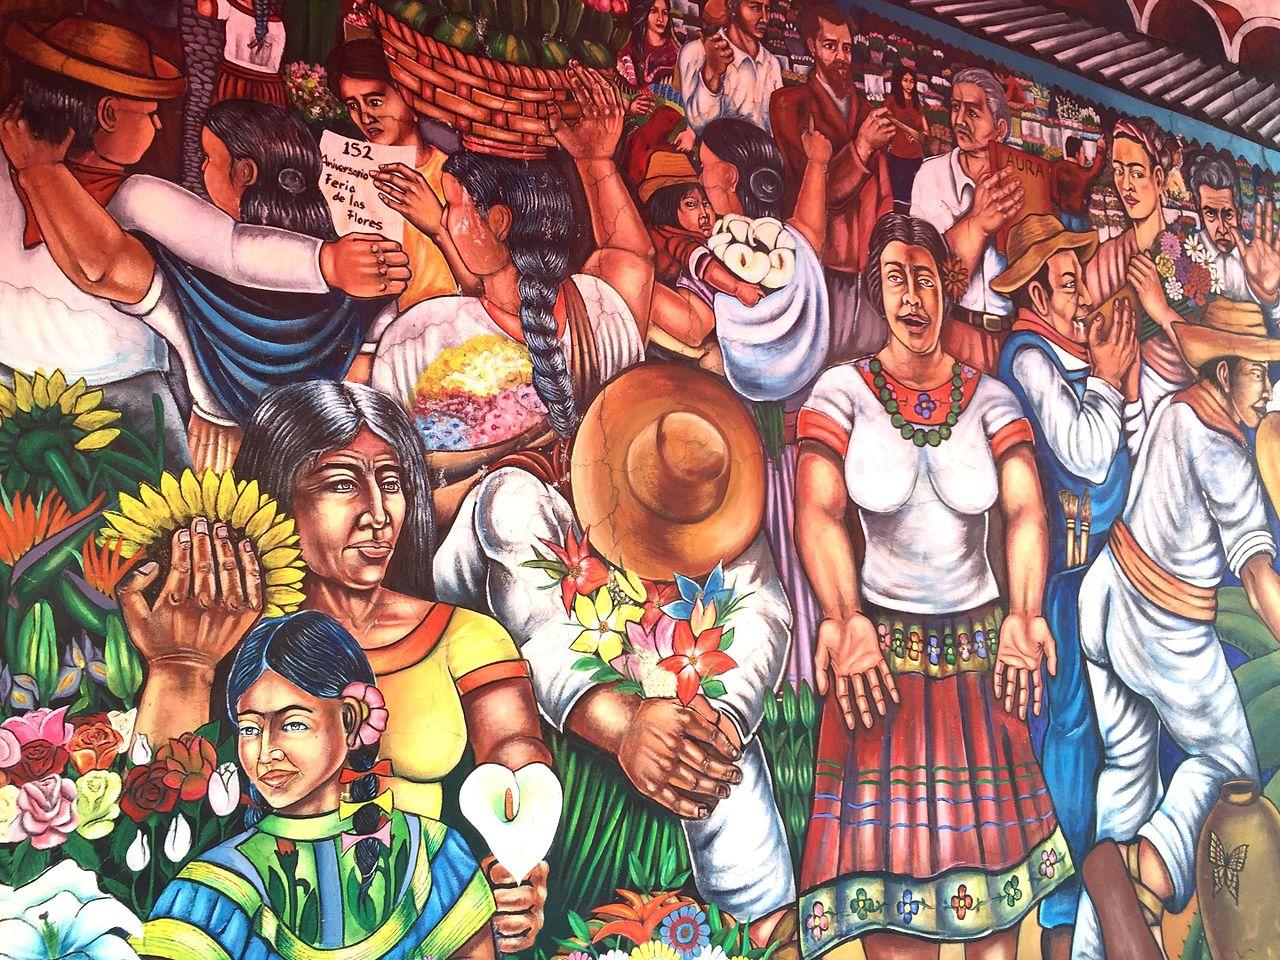 Filefragmento Del Mural Mercado De Las Flores De San Angeljpg